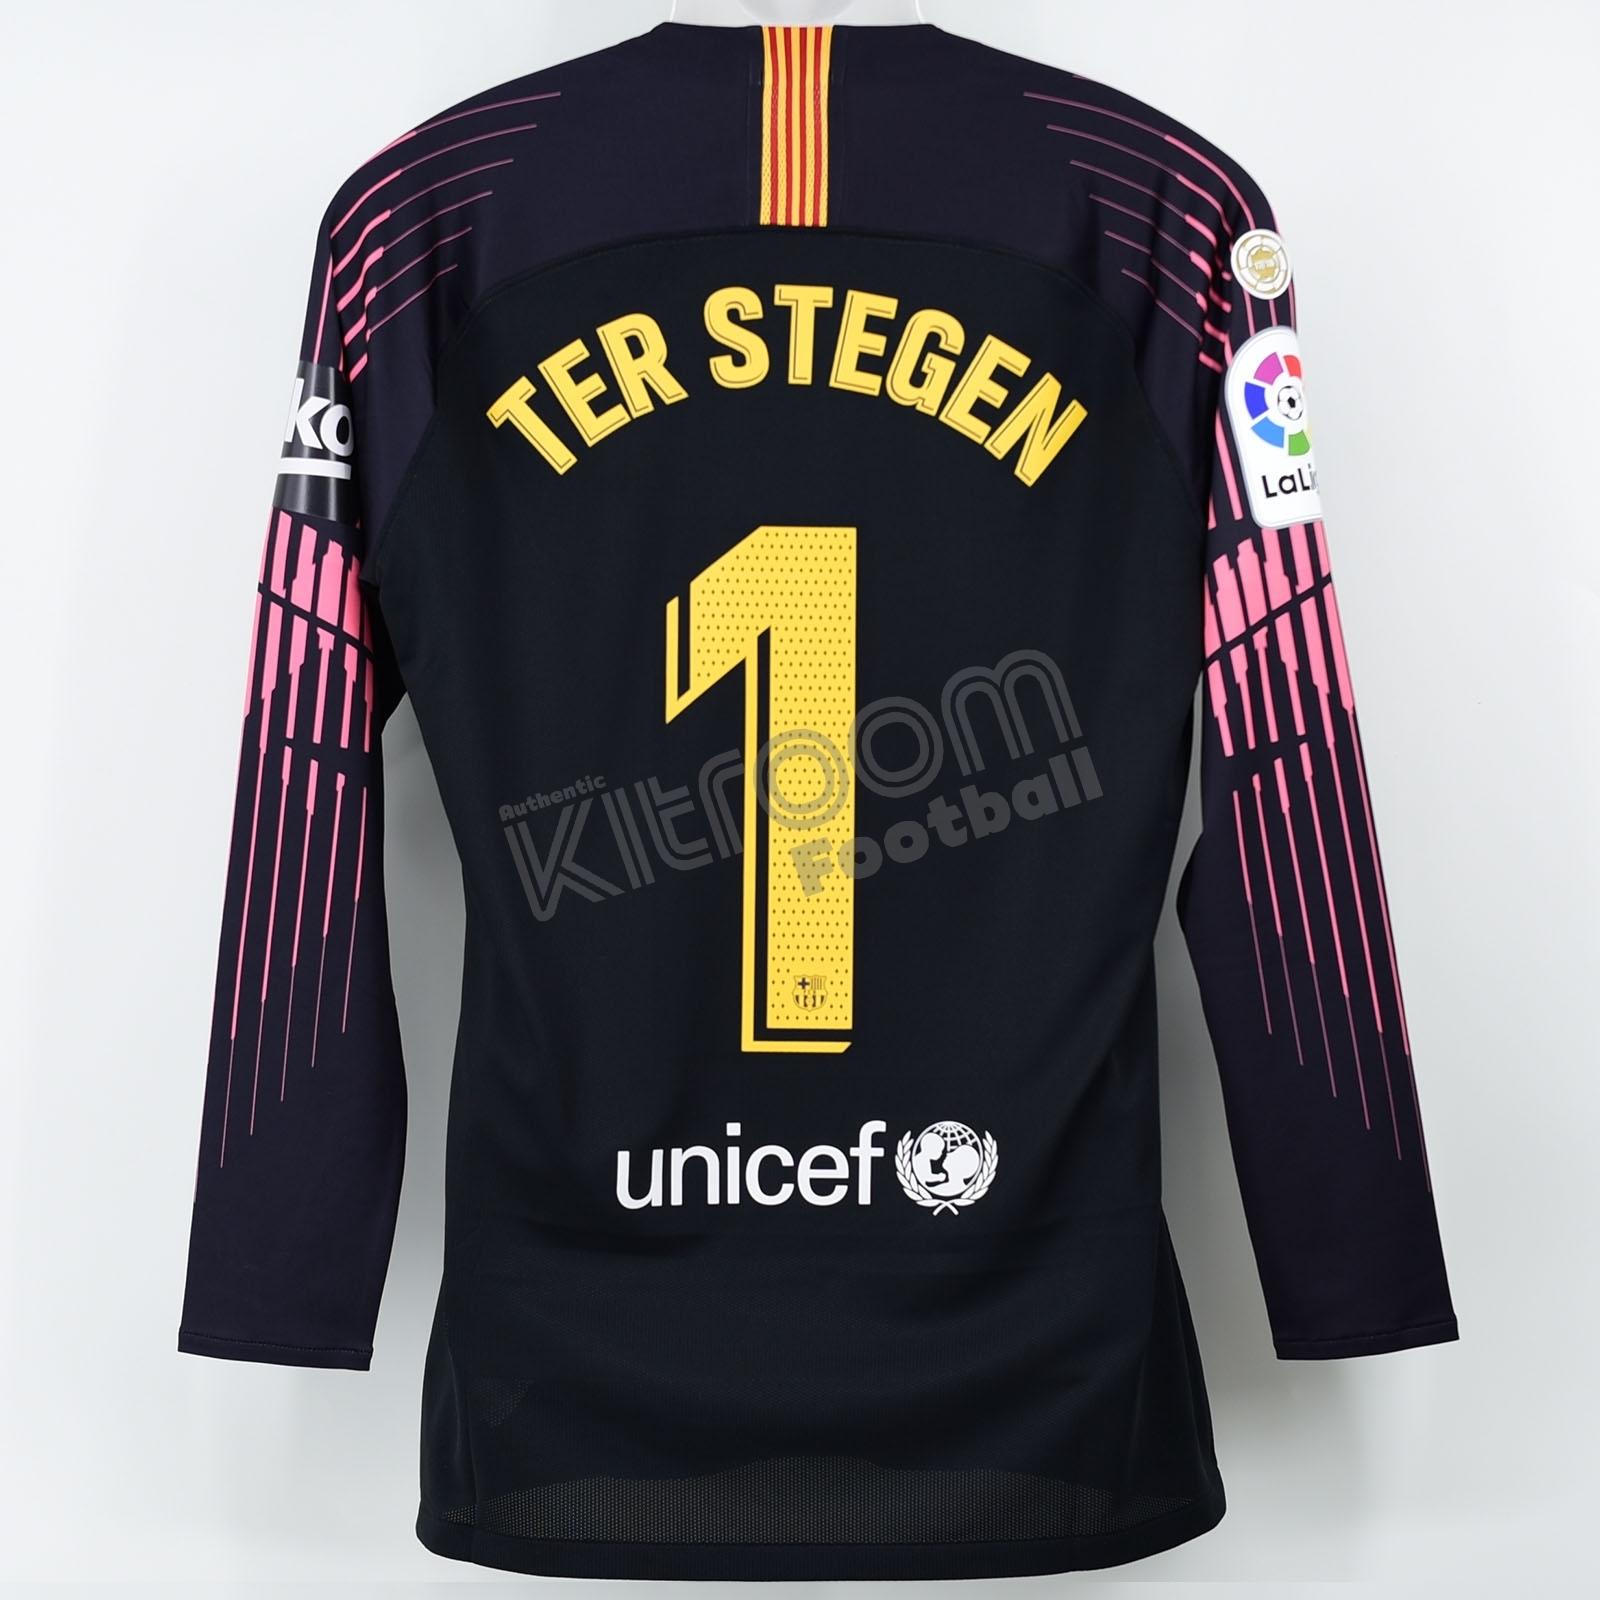 meet 74e7a 1629d Details about 2018-19 Barcelona Player Issue Black GK Shirt #1 Ter Stegen  La Liga Match Un ...